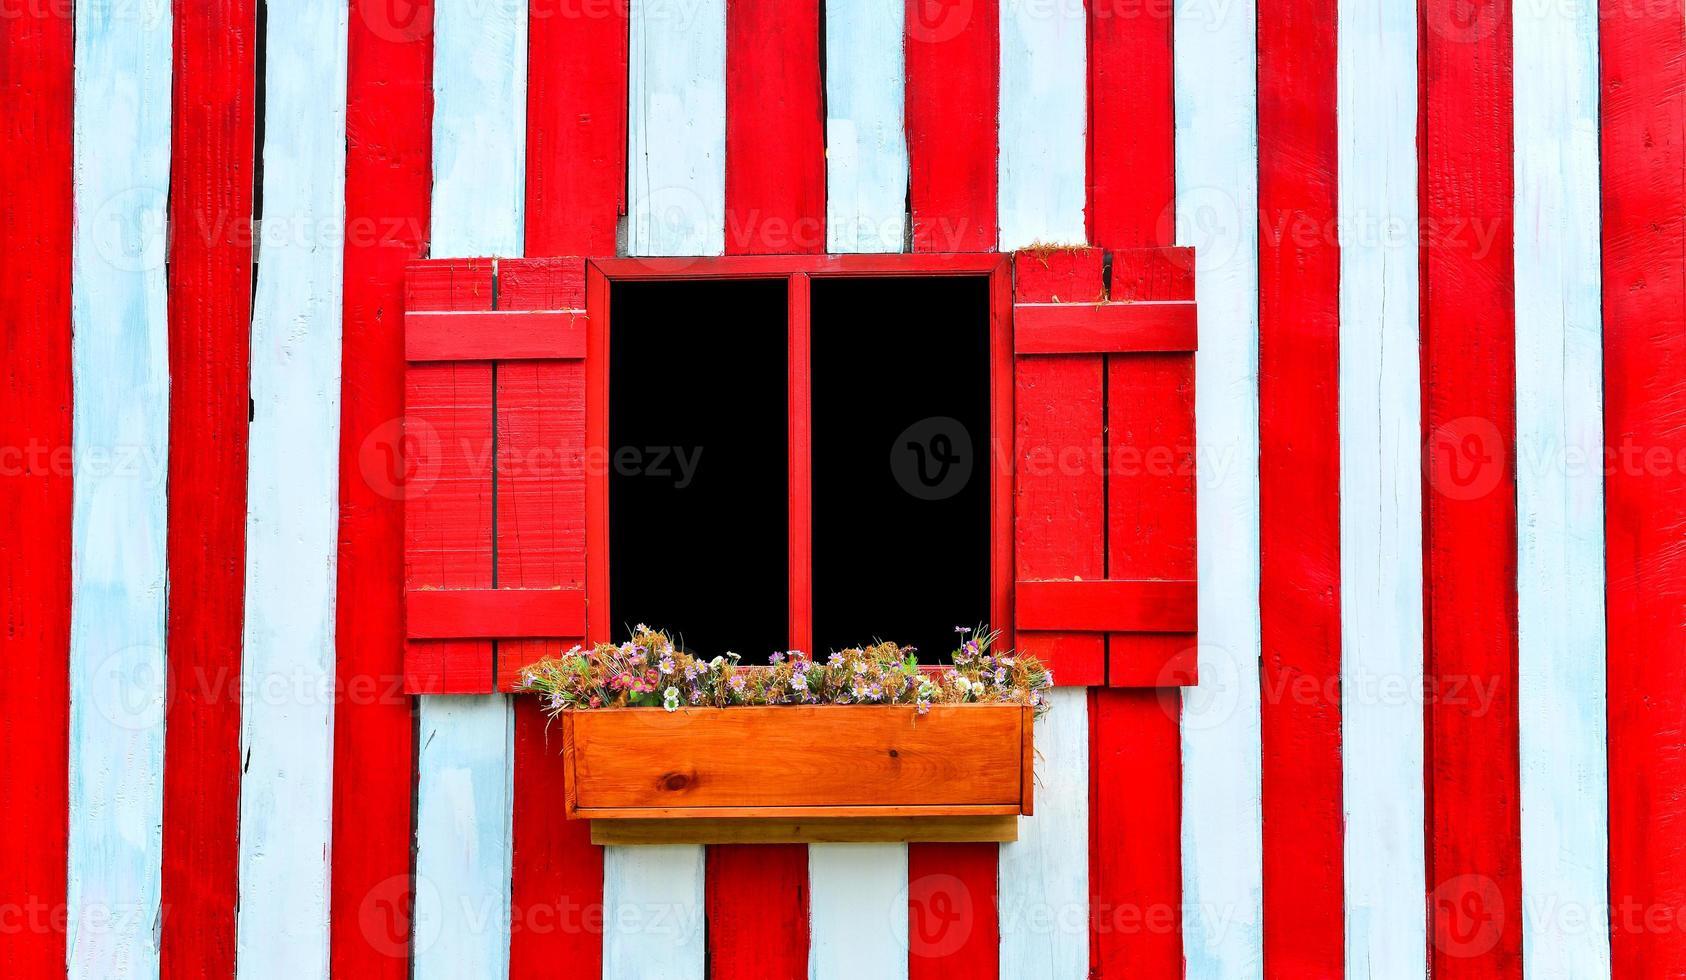 janela vermelha na parede de madeira vermelha e branca foto